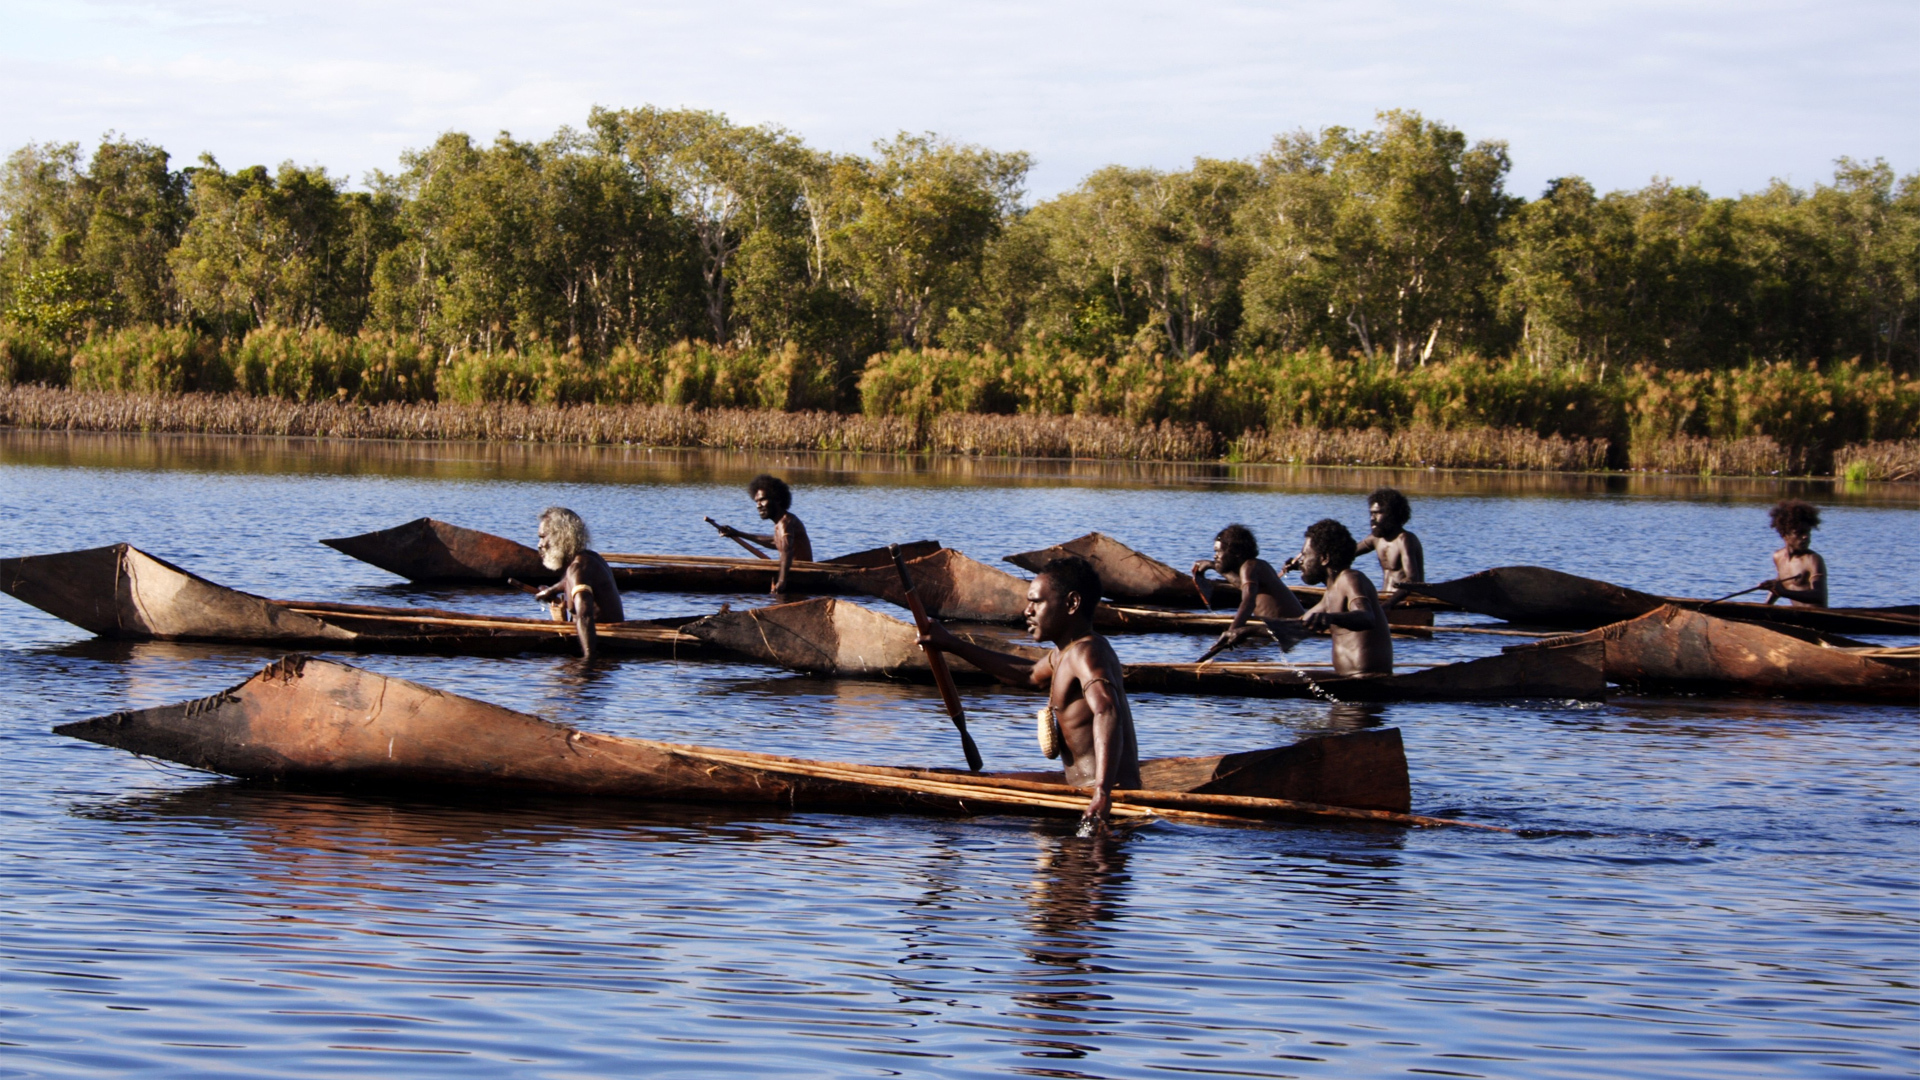 ten canoes and belonging